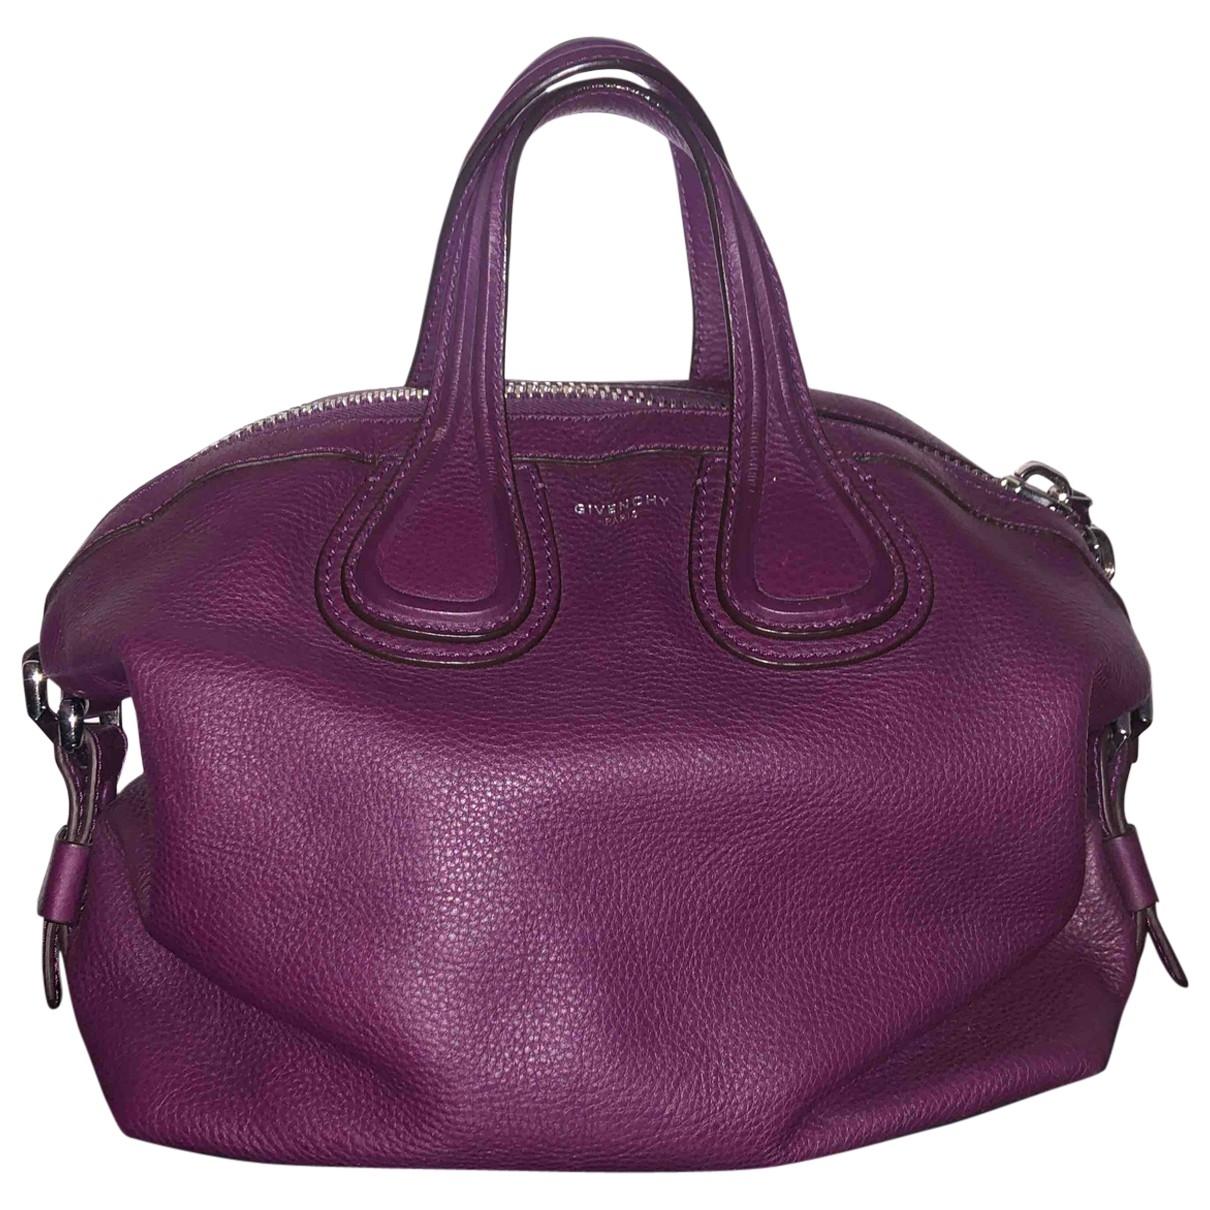 Givenchy - Sac a main Nightingale pour femme en cuir - violet